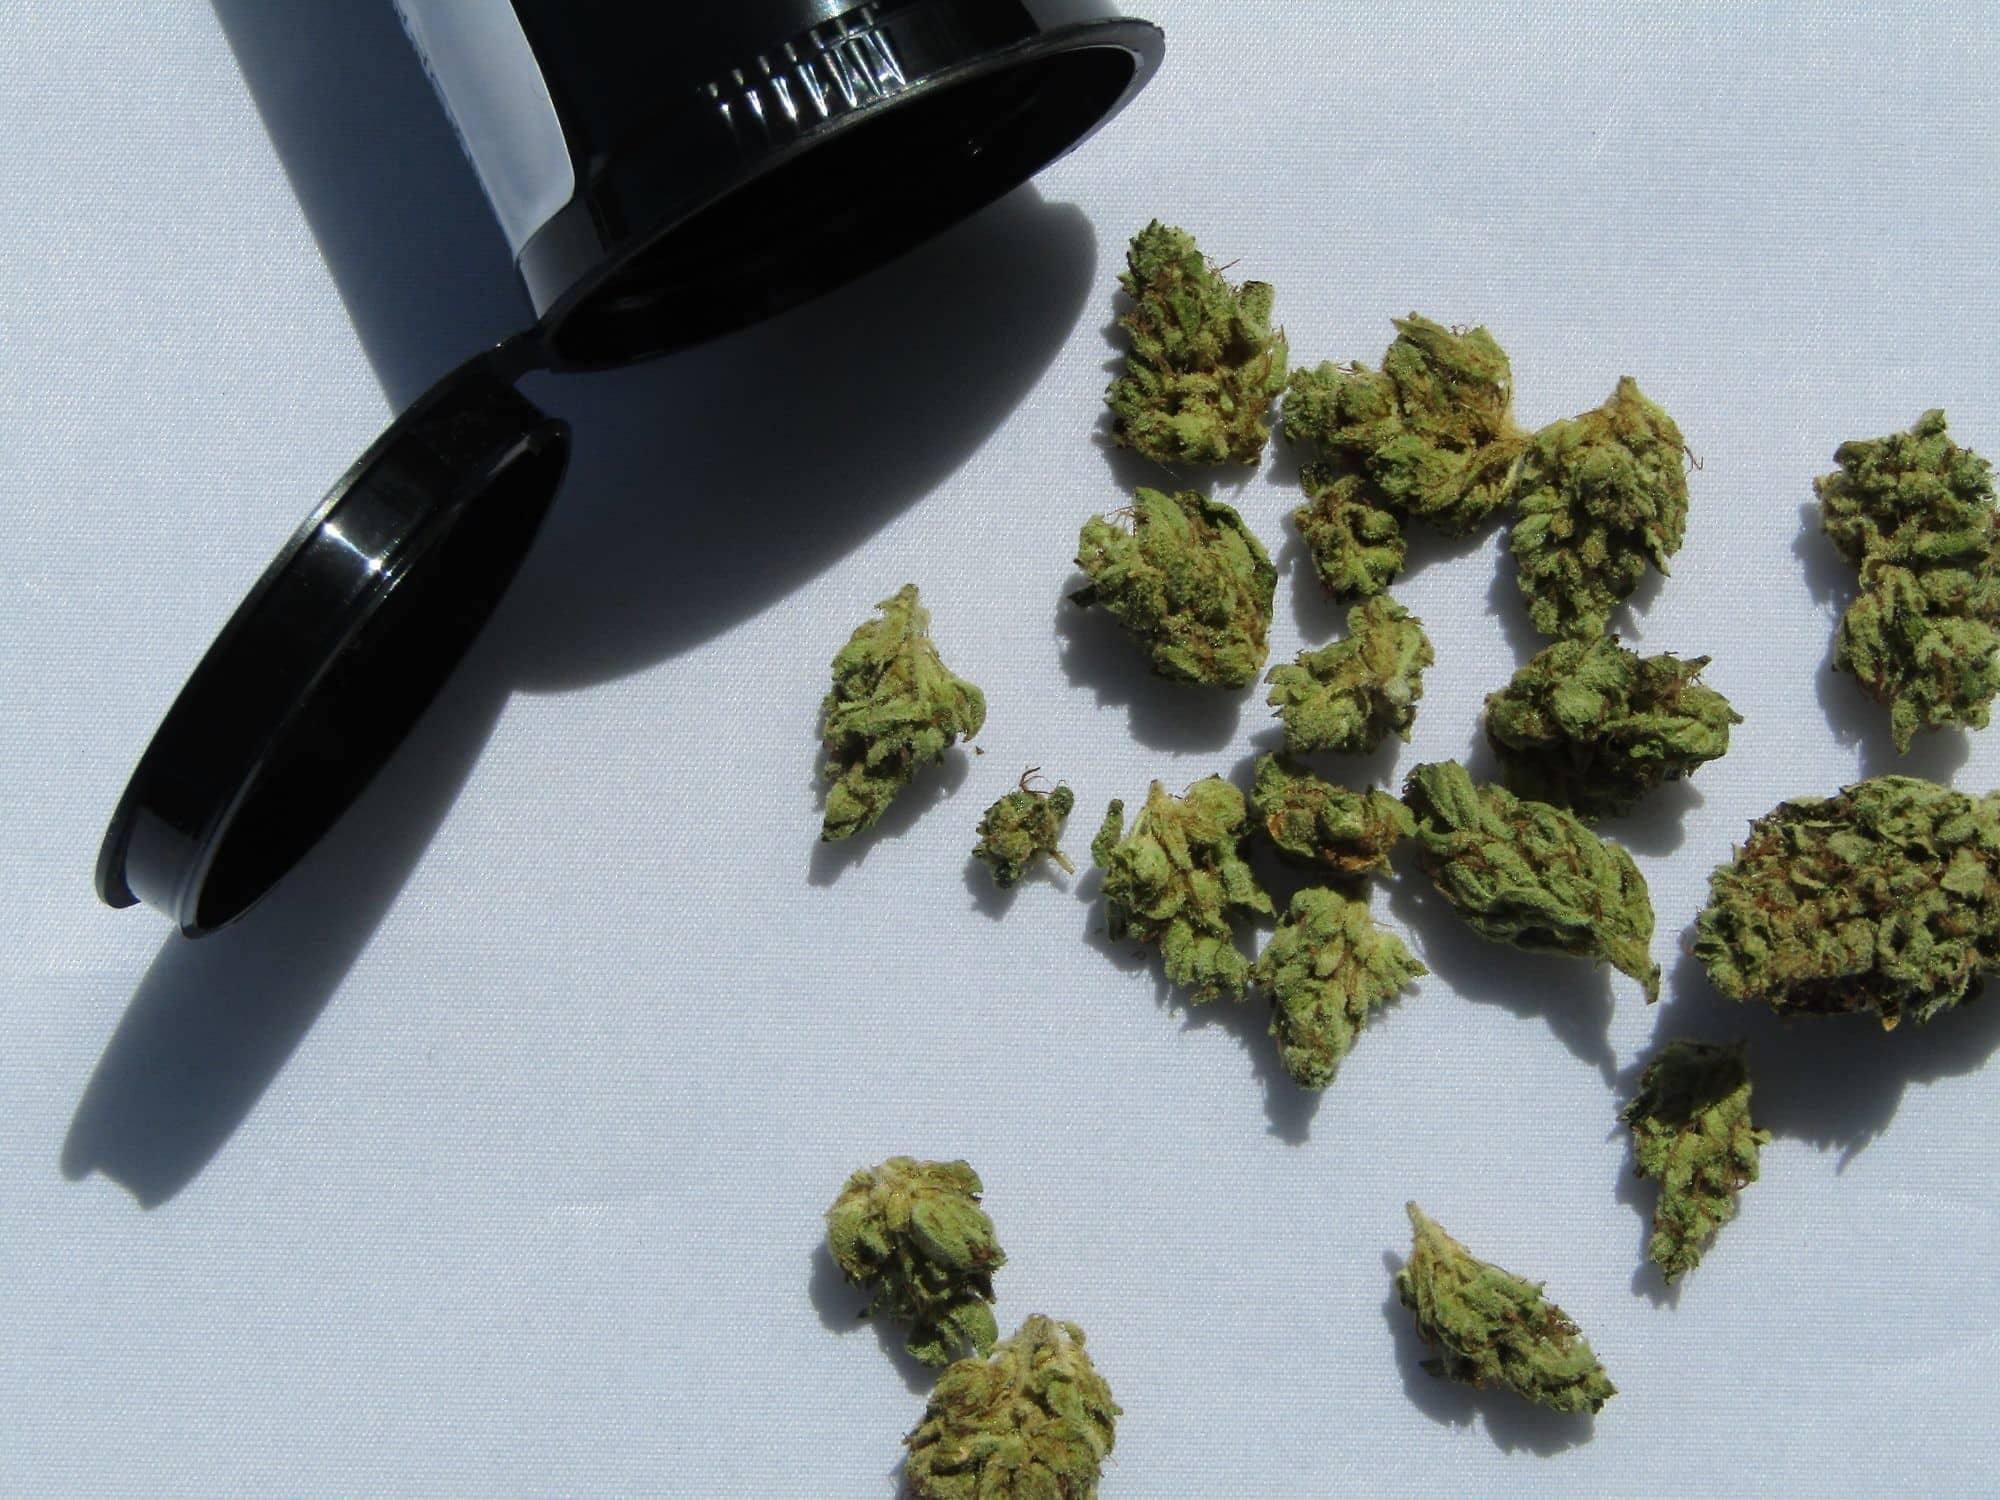 california medical cannabis marijuana law